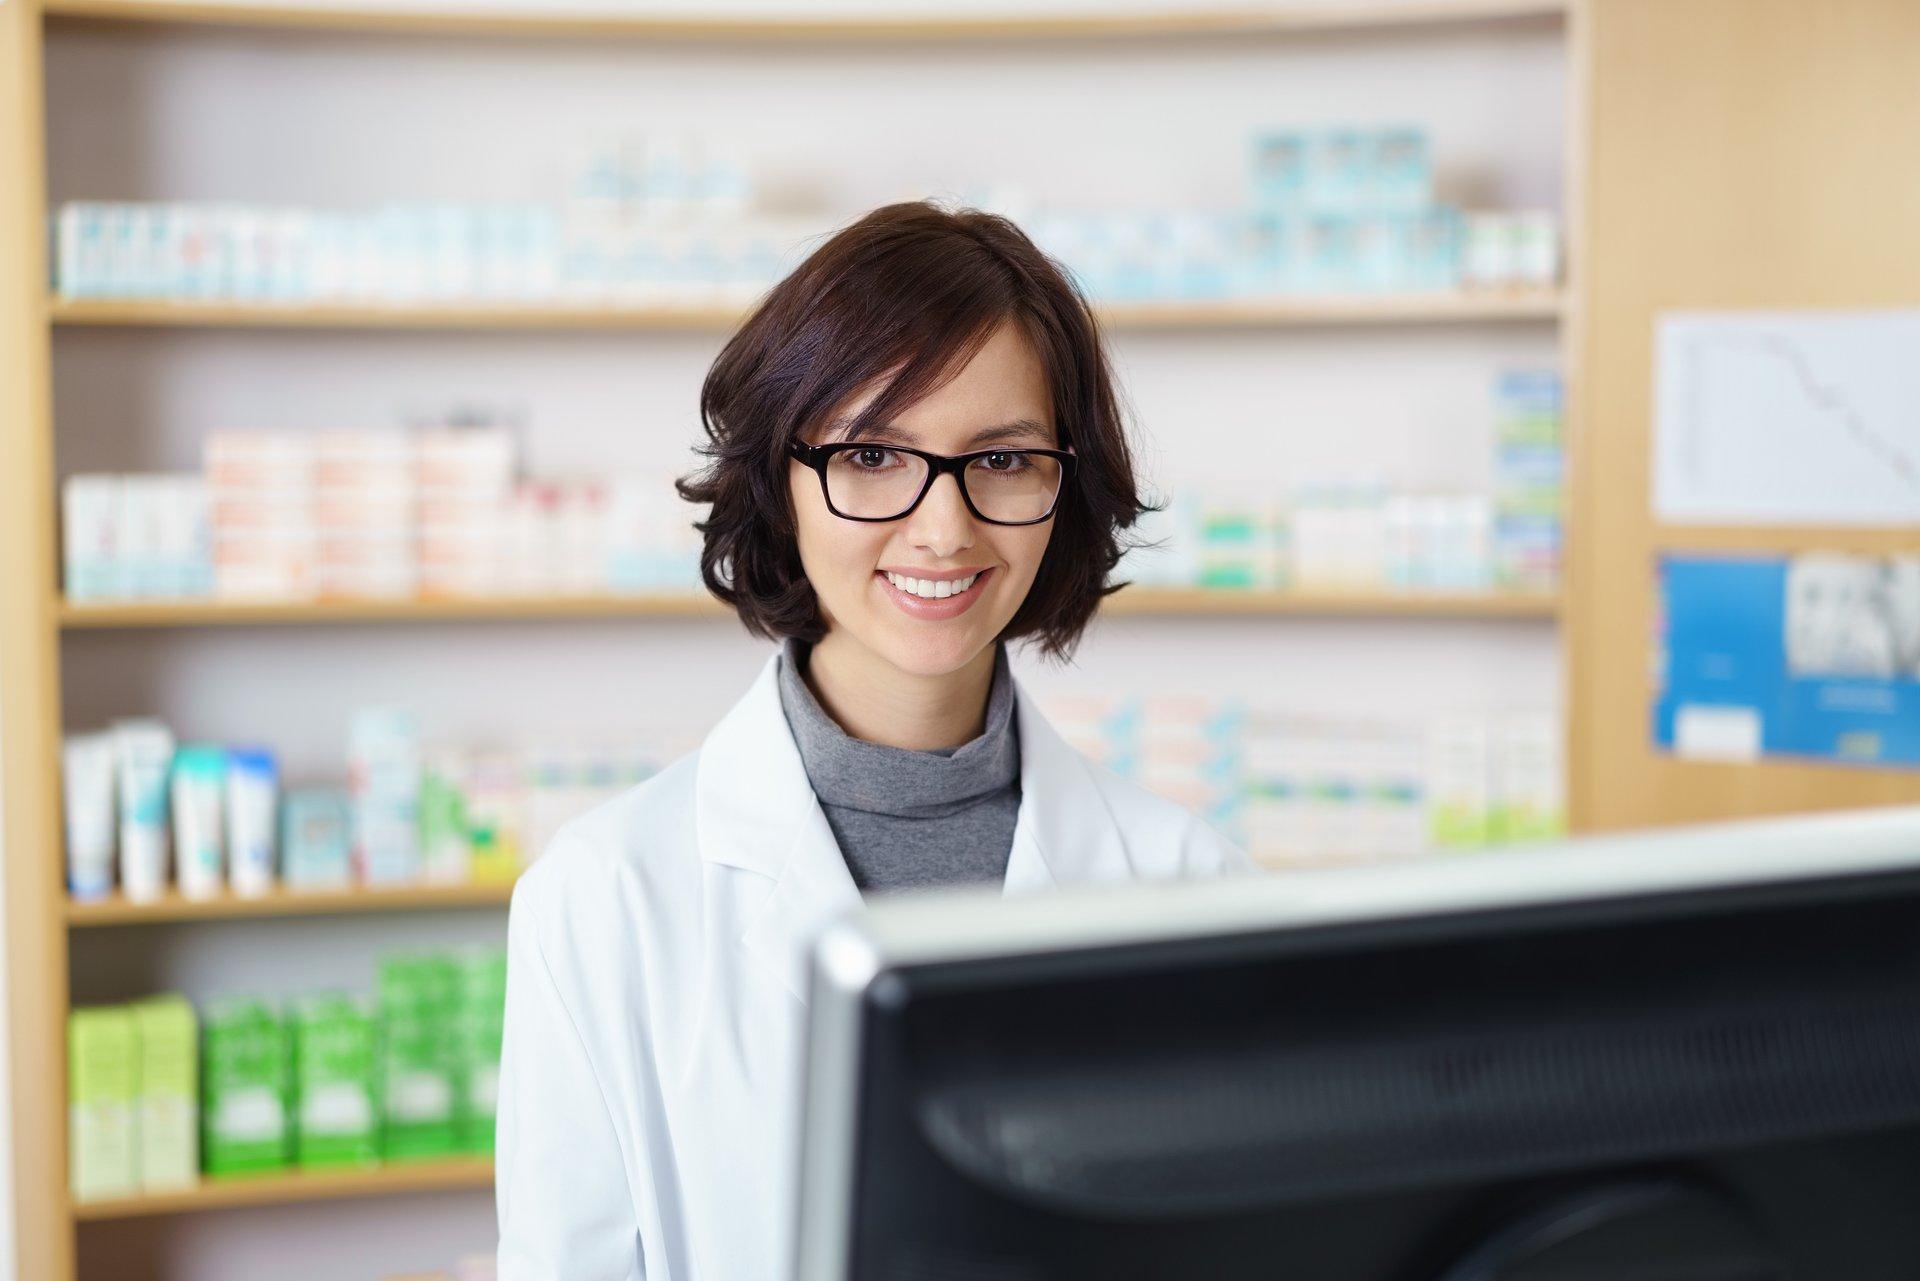 Przypadkowe wyrejestrowanie leku serializowanego z bazy KOWAL – wideo od NEUCA z instrukcją postępowania